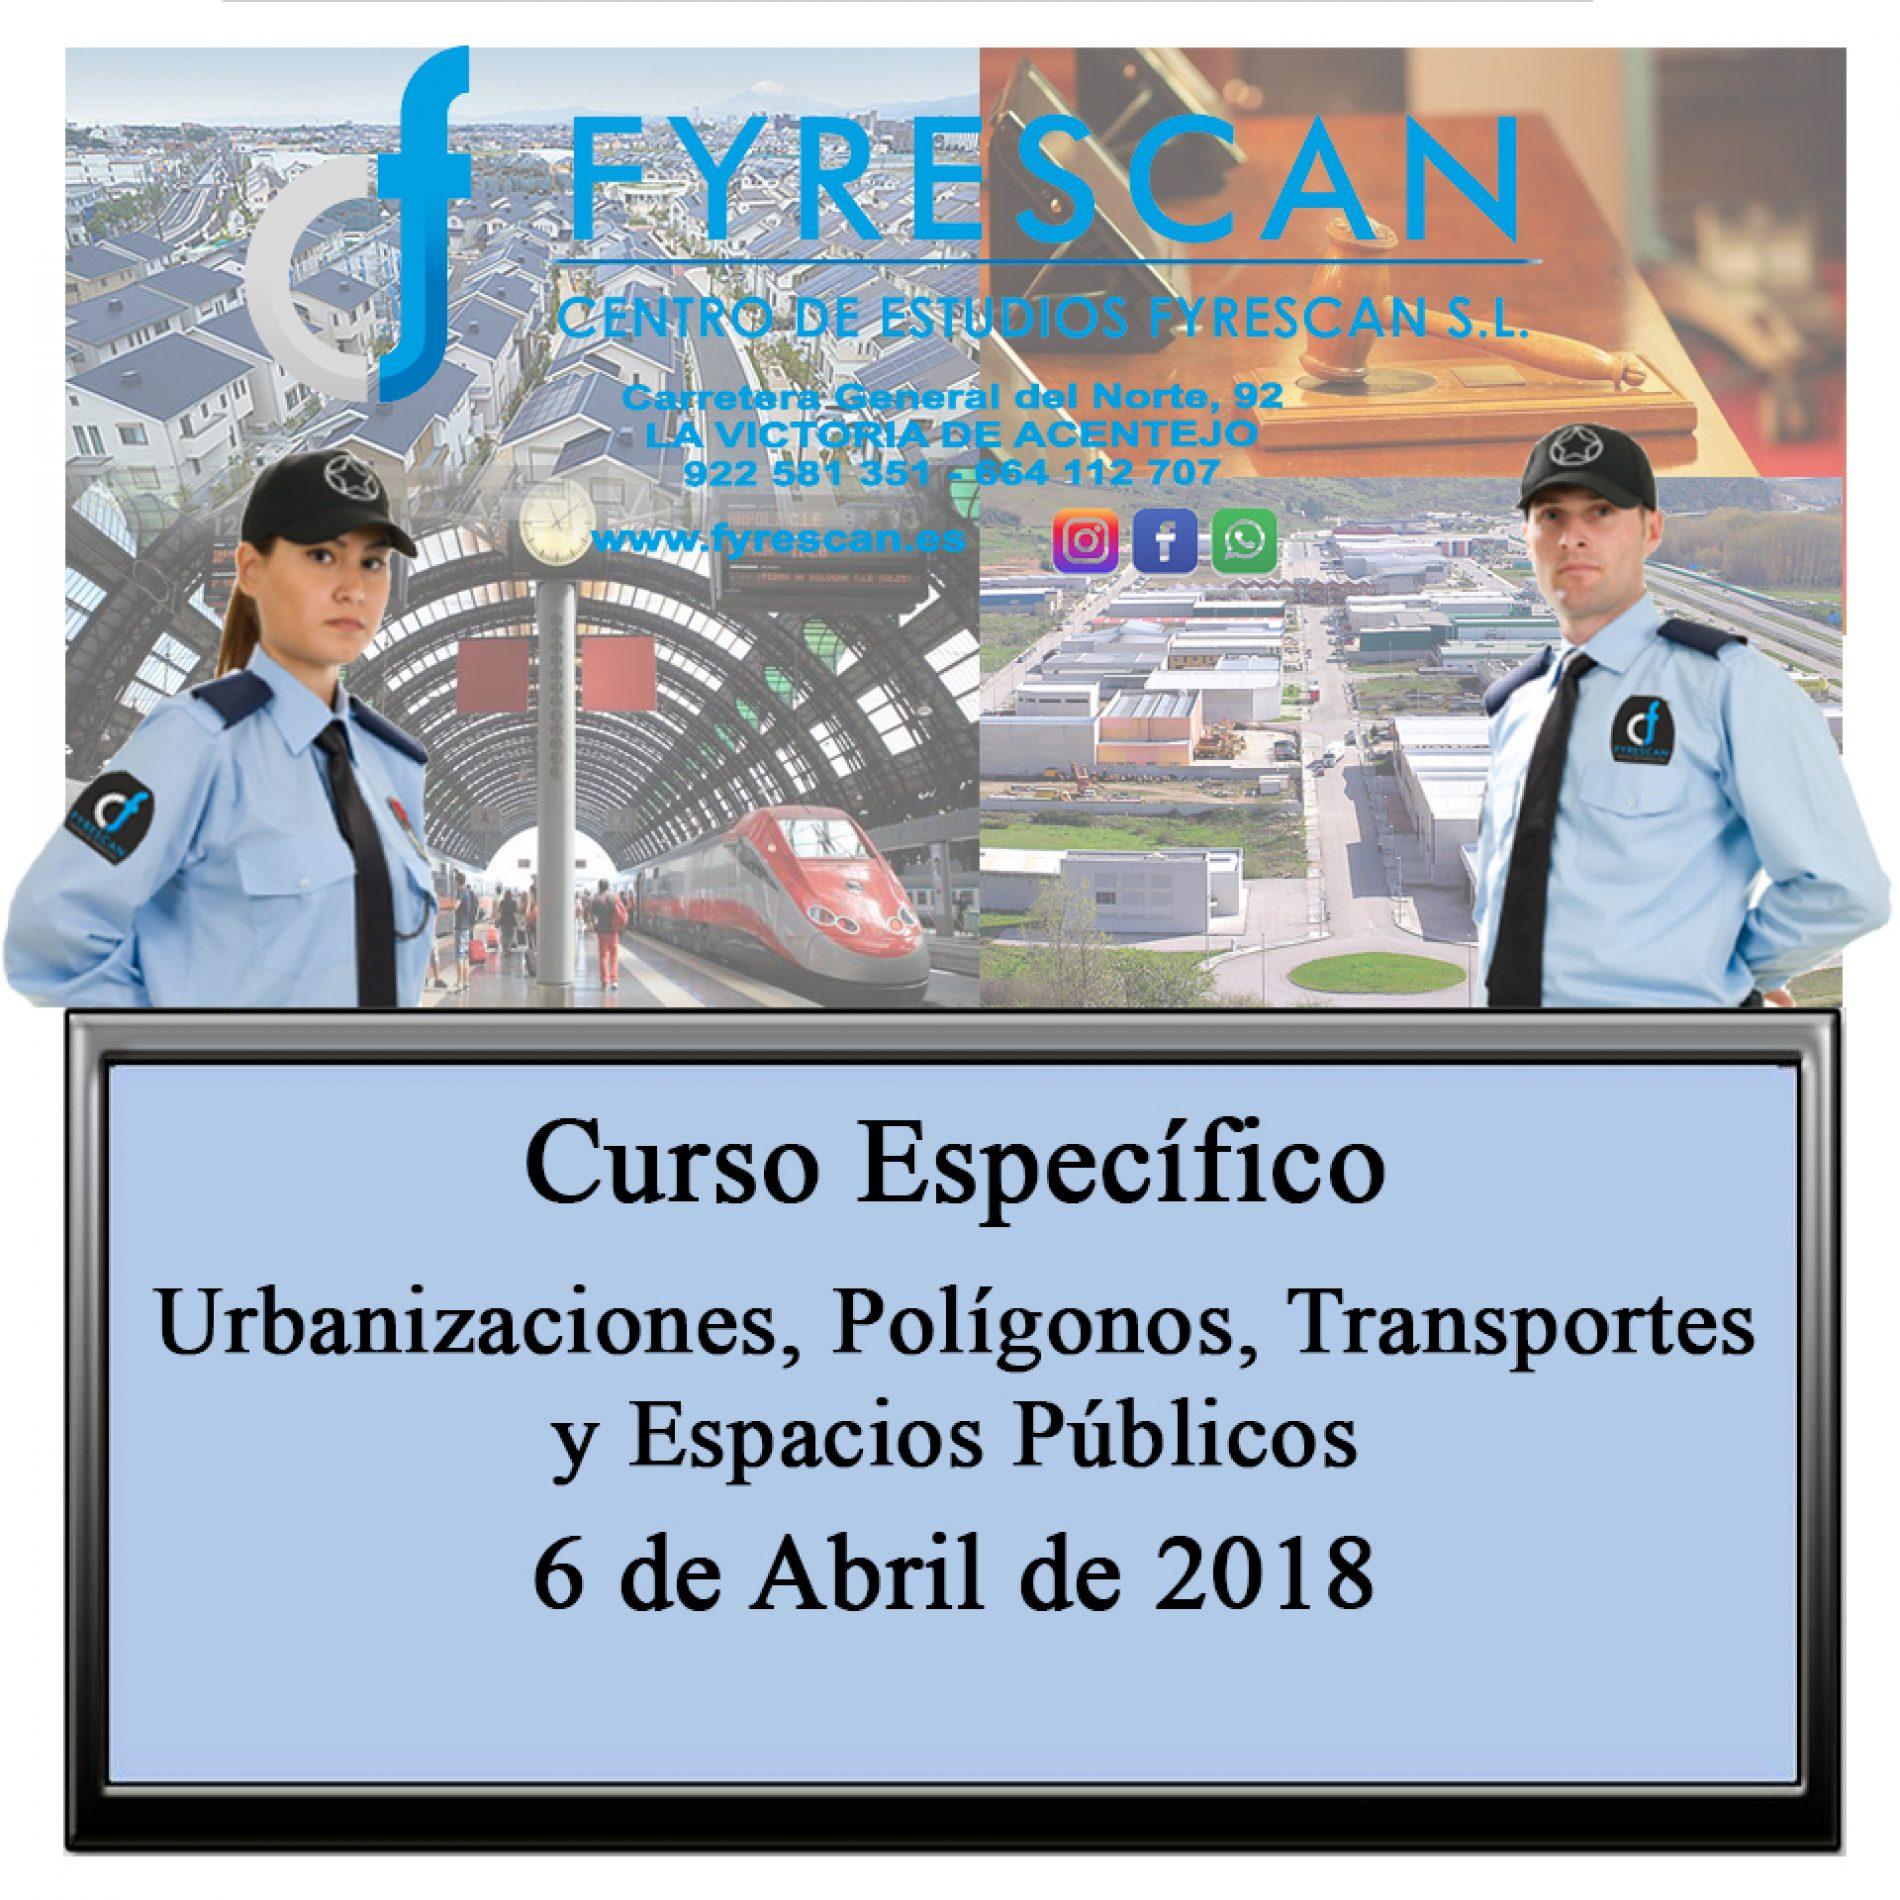 Curso Específico de Urbanizaciones, Polígonos, Transportes y Espacios Públicos día 6 de Abril de 2018 – Inscríbete